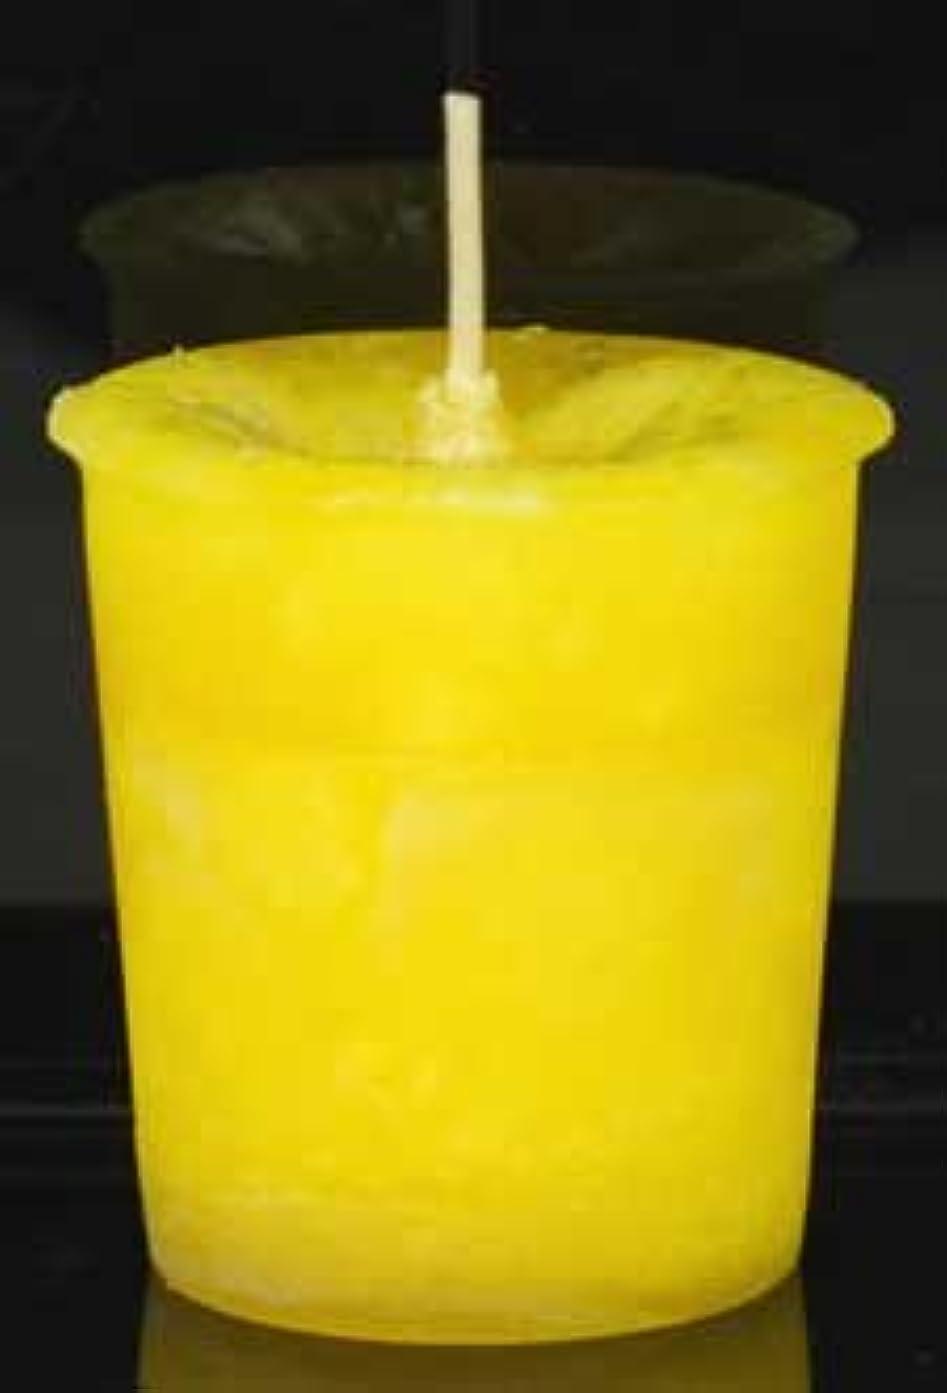 忠実な原子炉とにかく黄色でAzureGreen CVHPOSポジティブなエネルギーハーブ奉納キャンドル